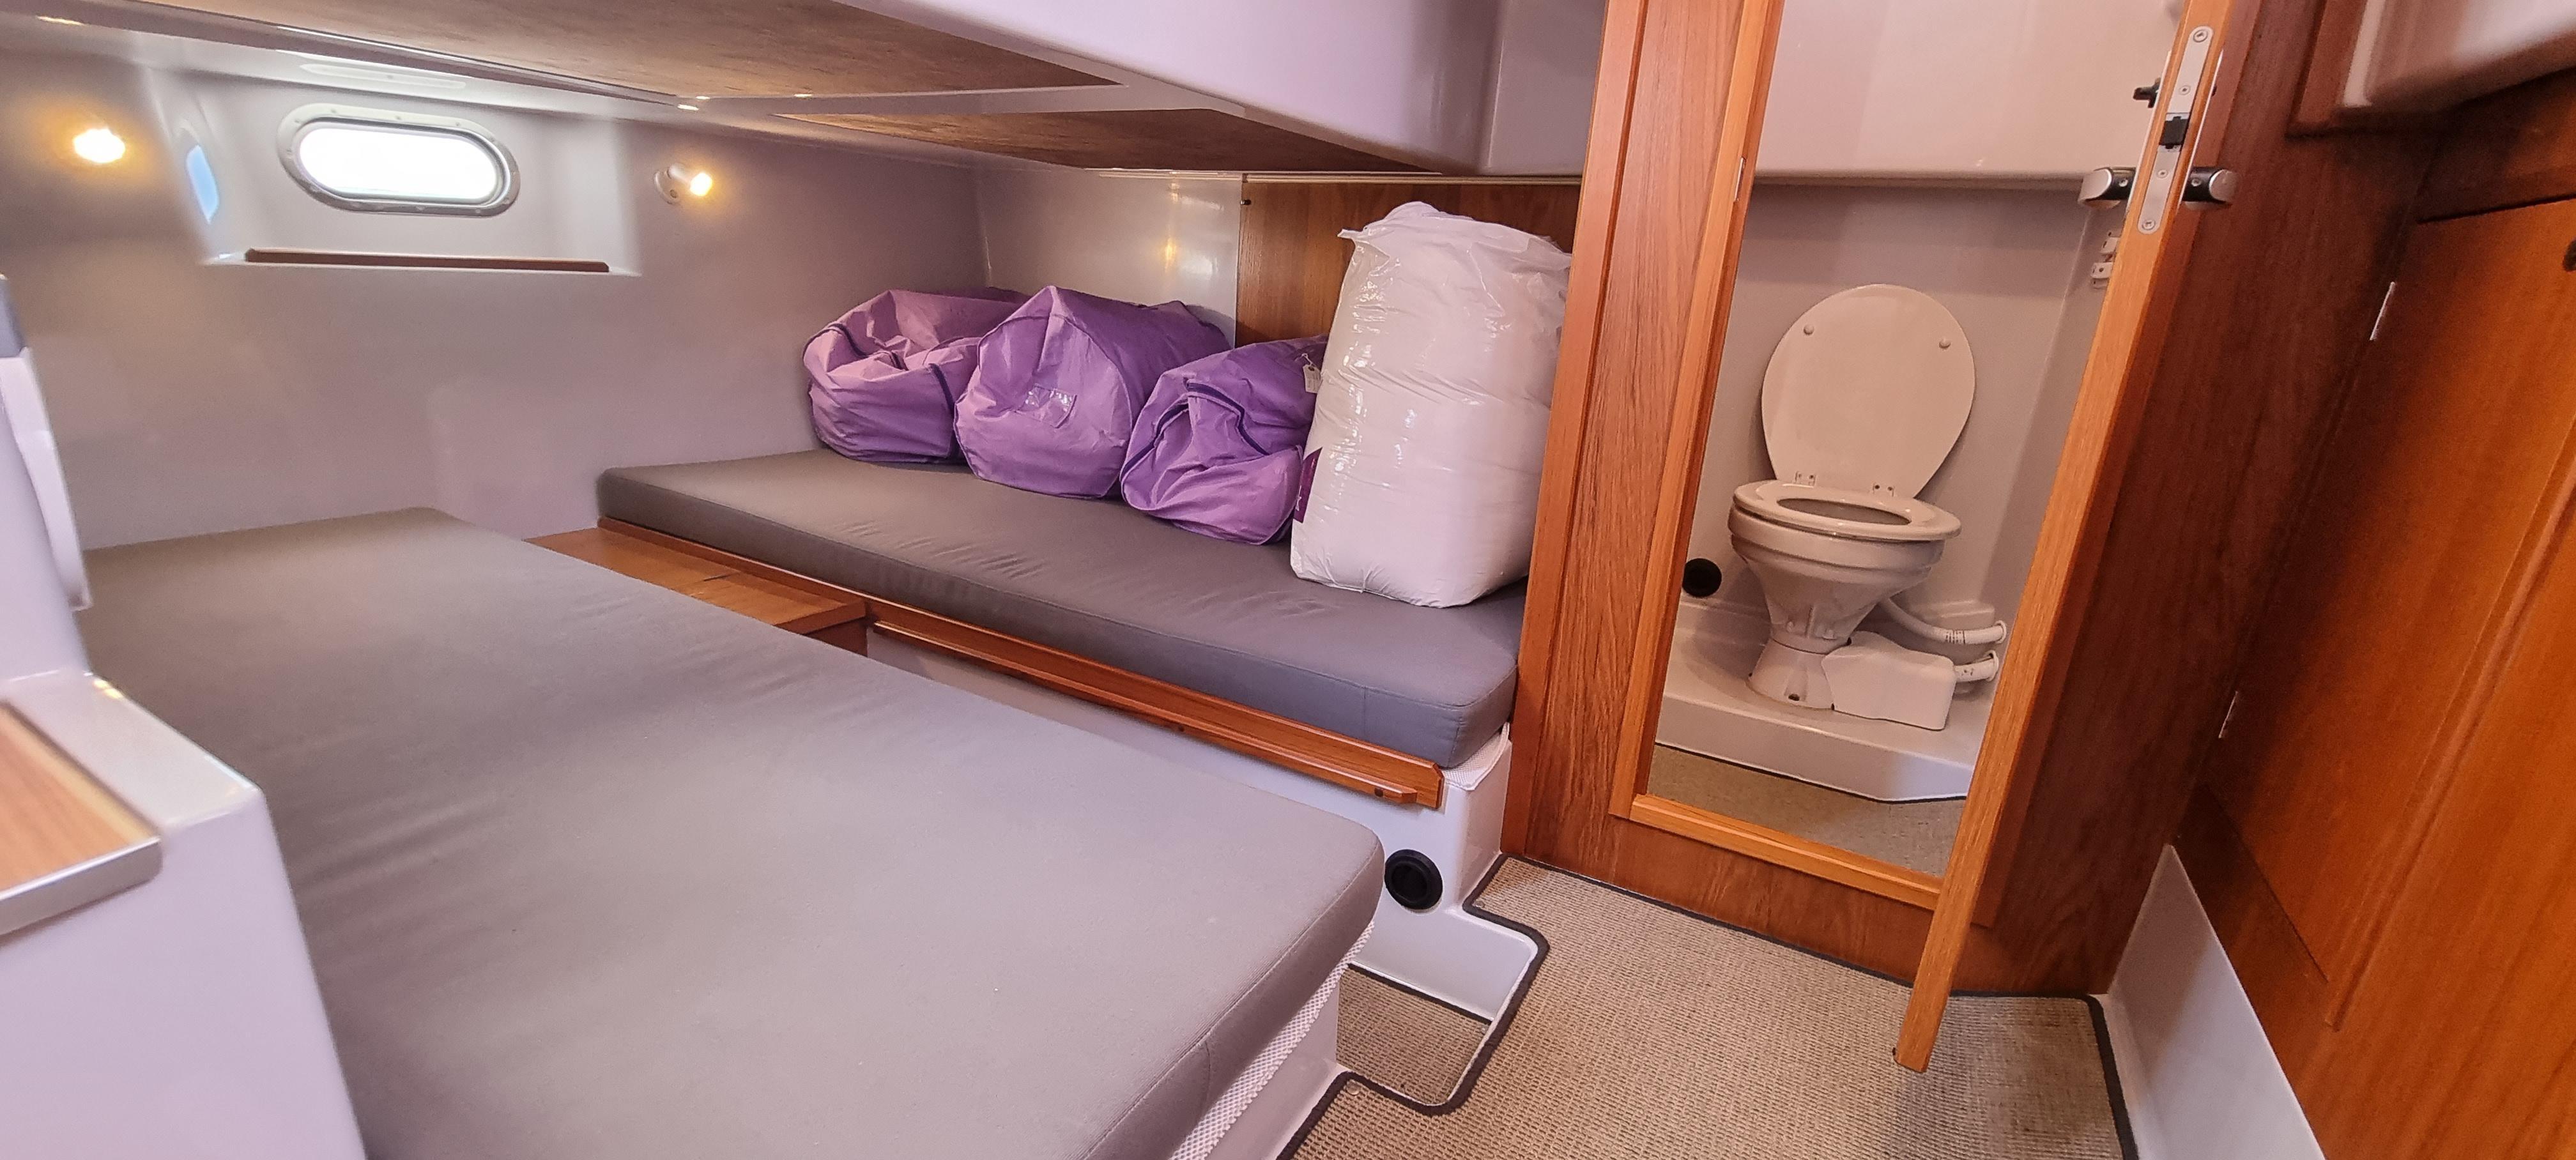 2013 Sargo 36 aft cabin (triple)